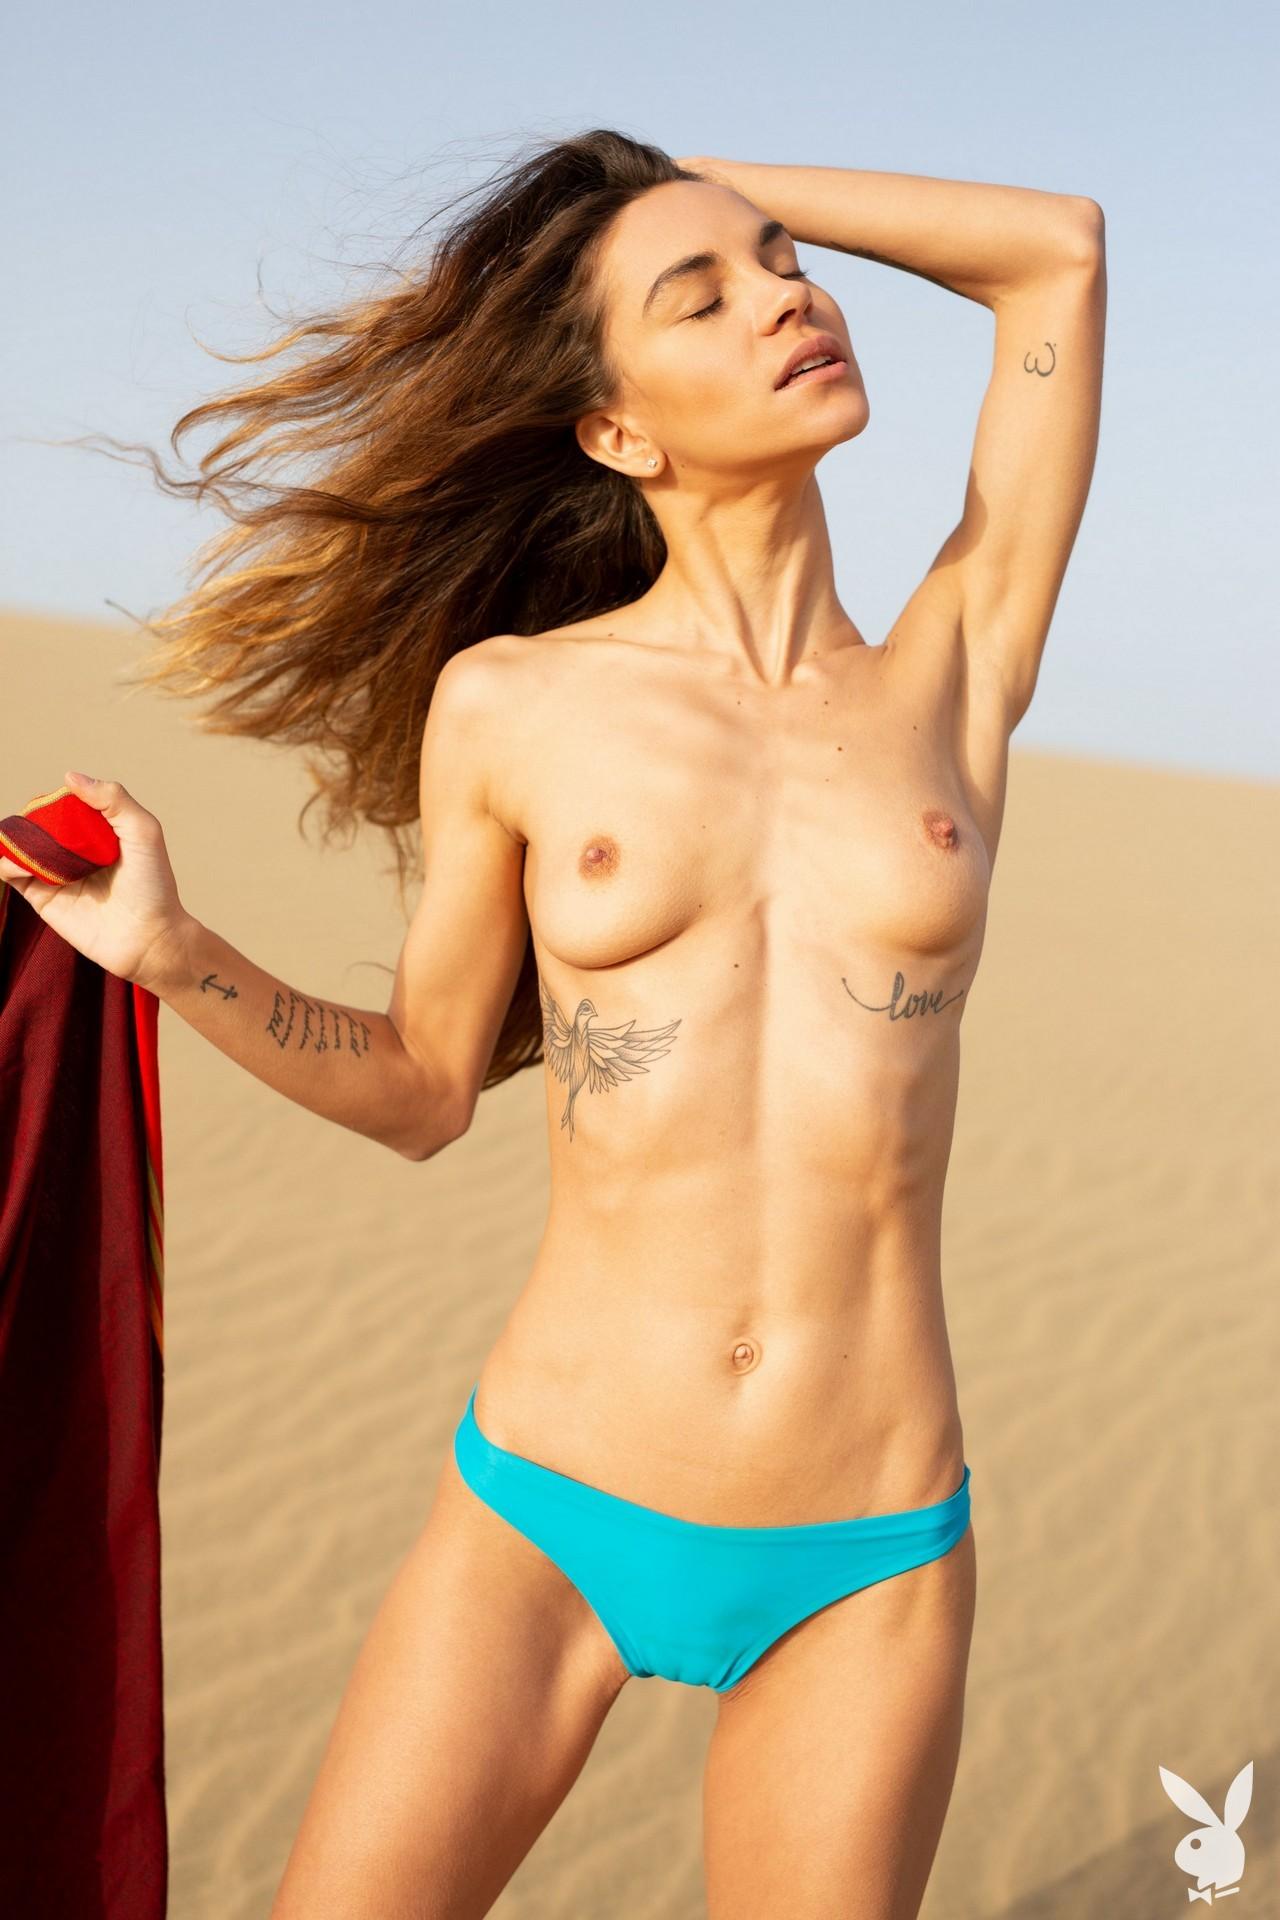 Rose Whitney - Playboy photoshoot